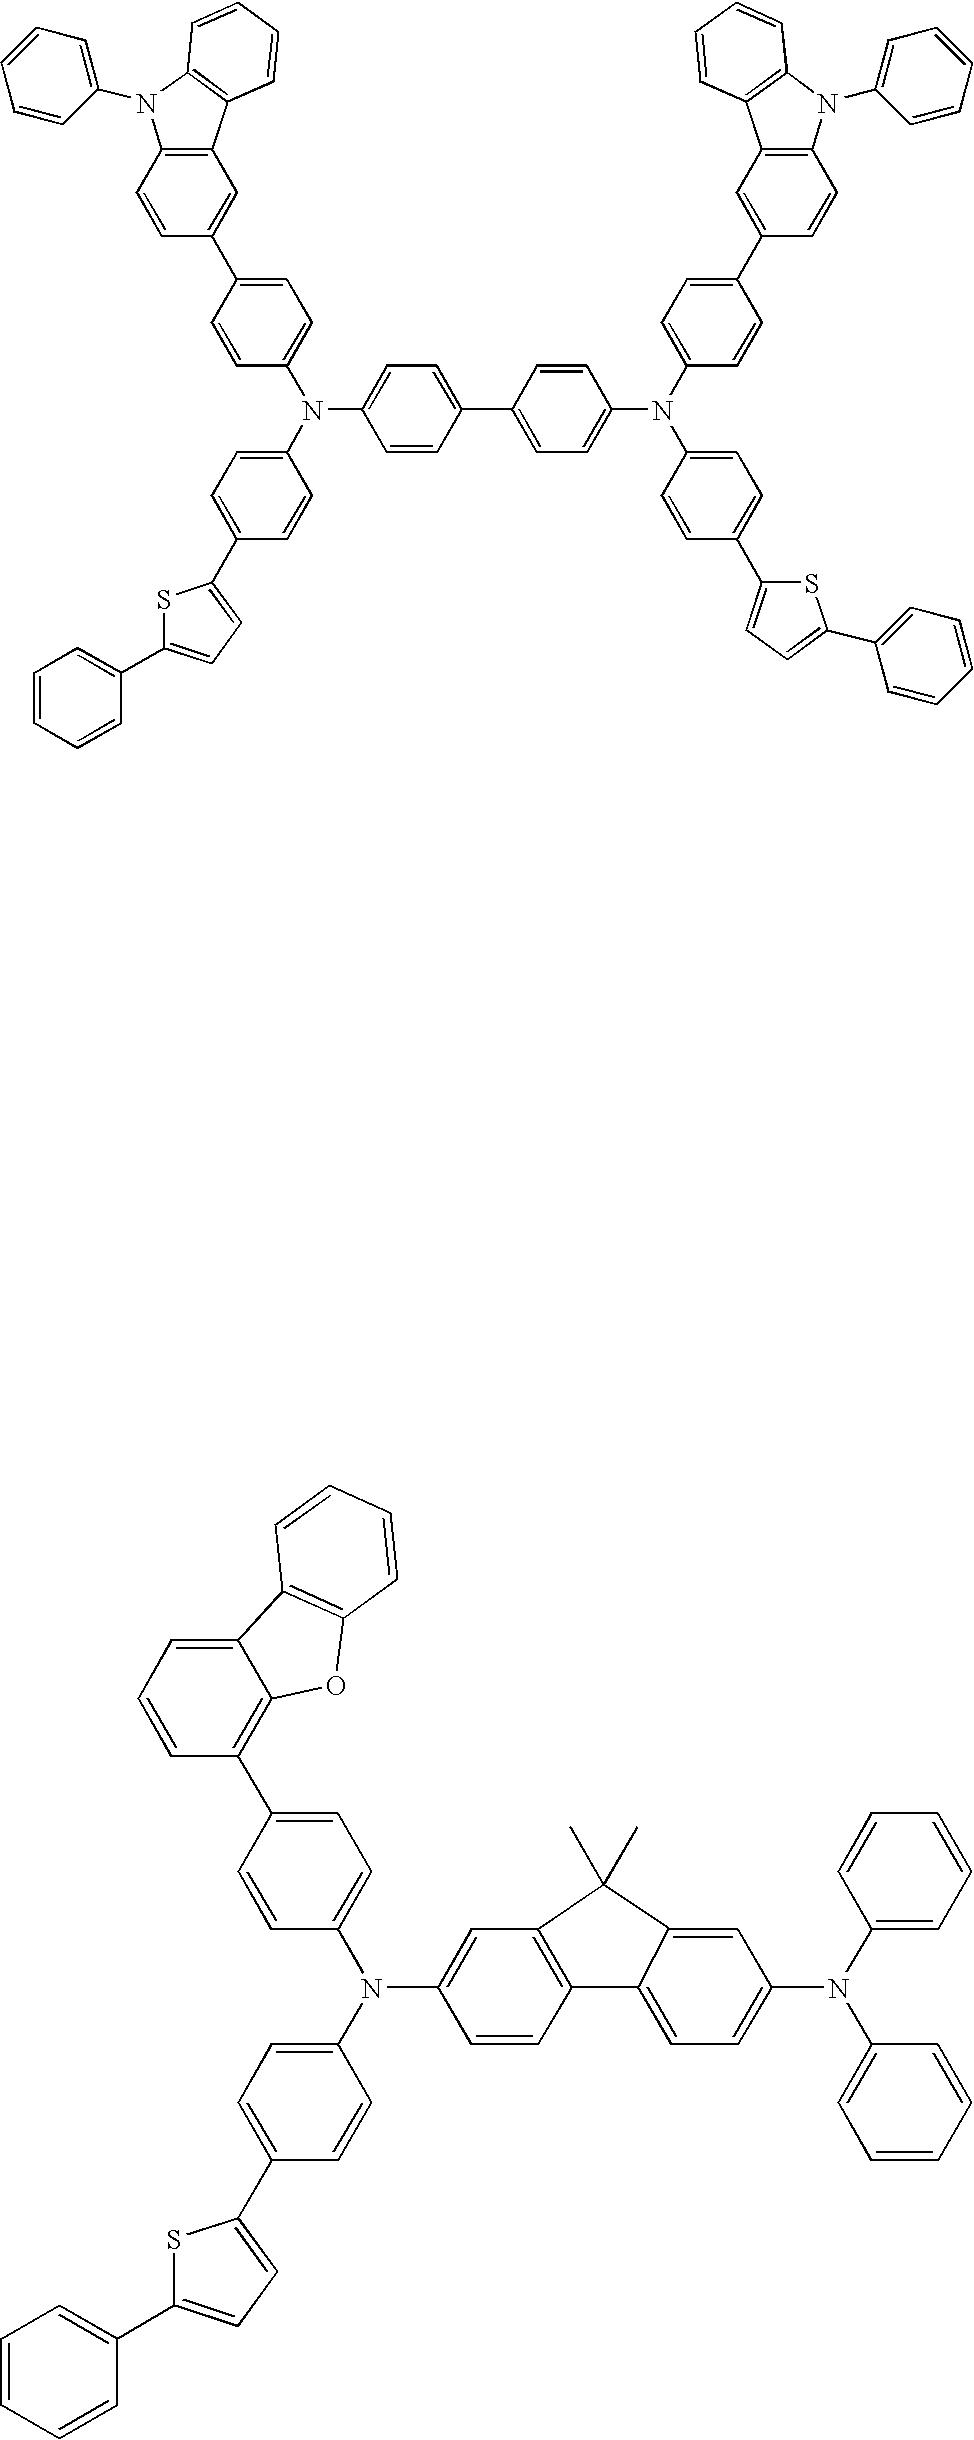 Figure US20090066235A1-20090312-C00031